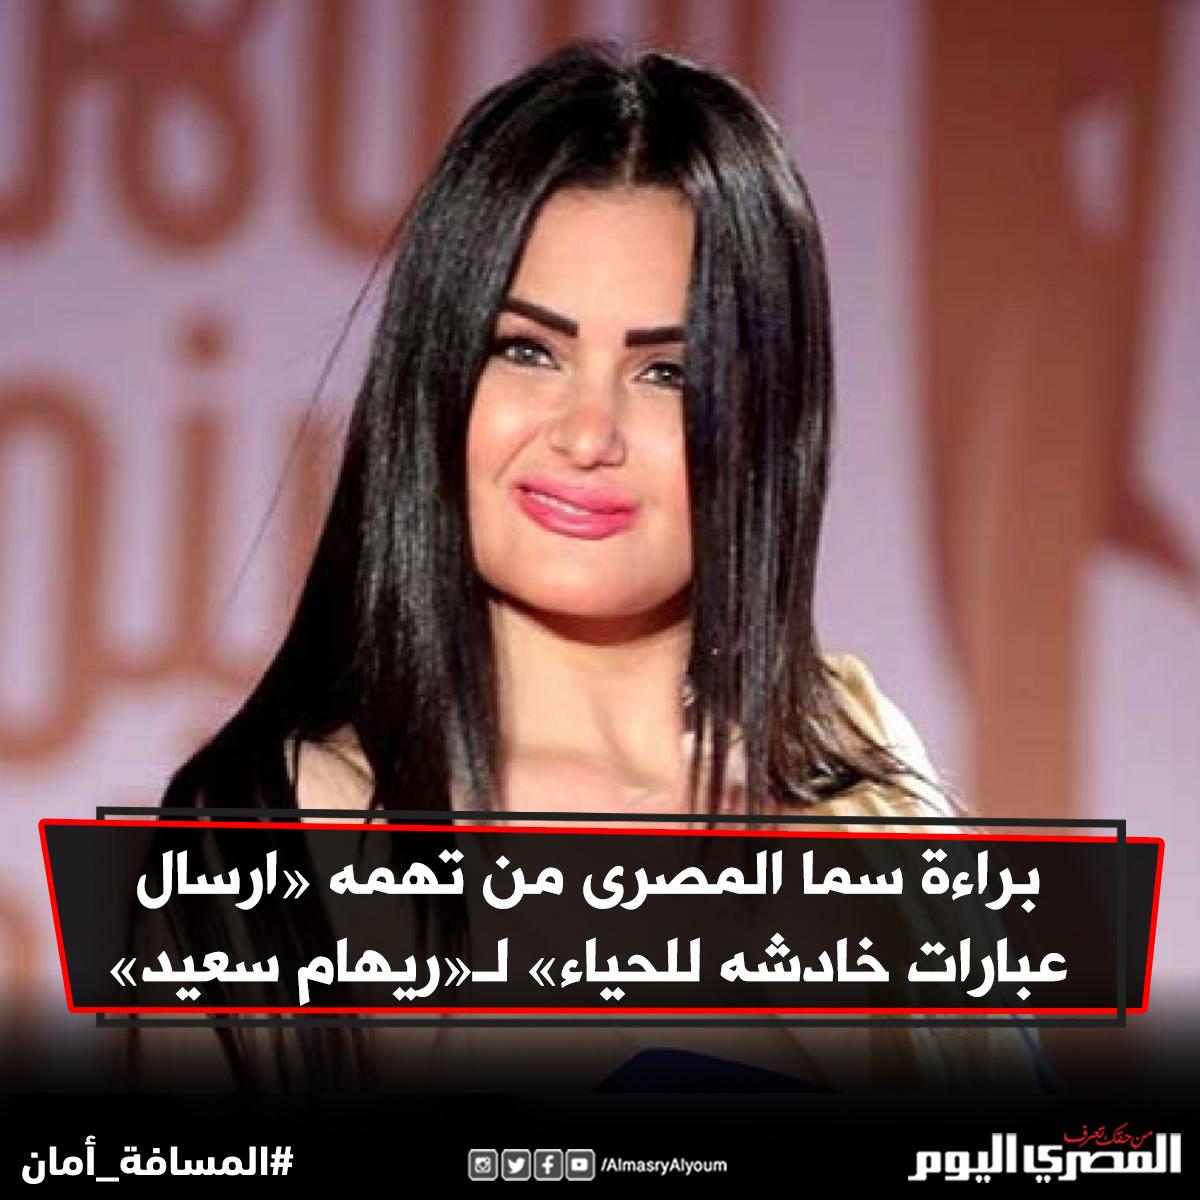 براءة سما المصرى من تهمه «ارسال عبارات خادشه للحياء» لـ« ريهام سعيد» التفاصيل